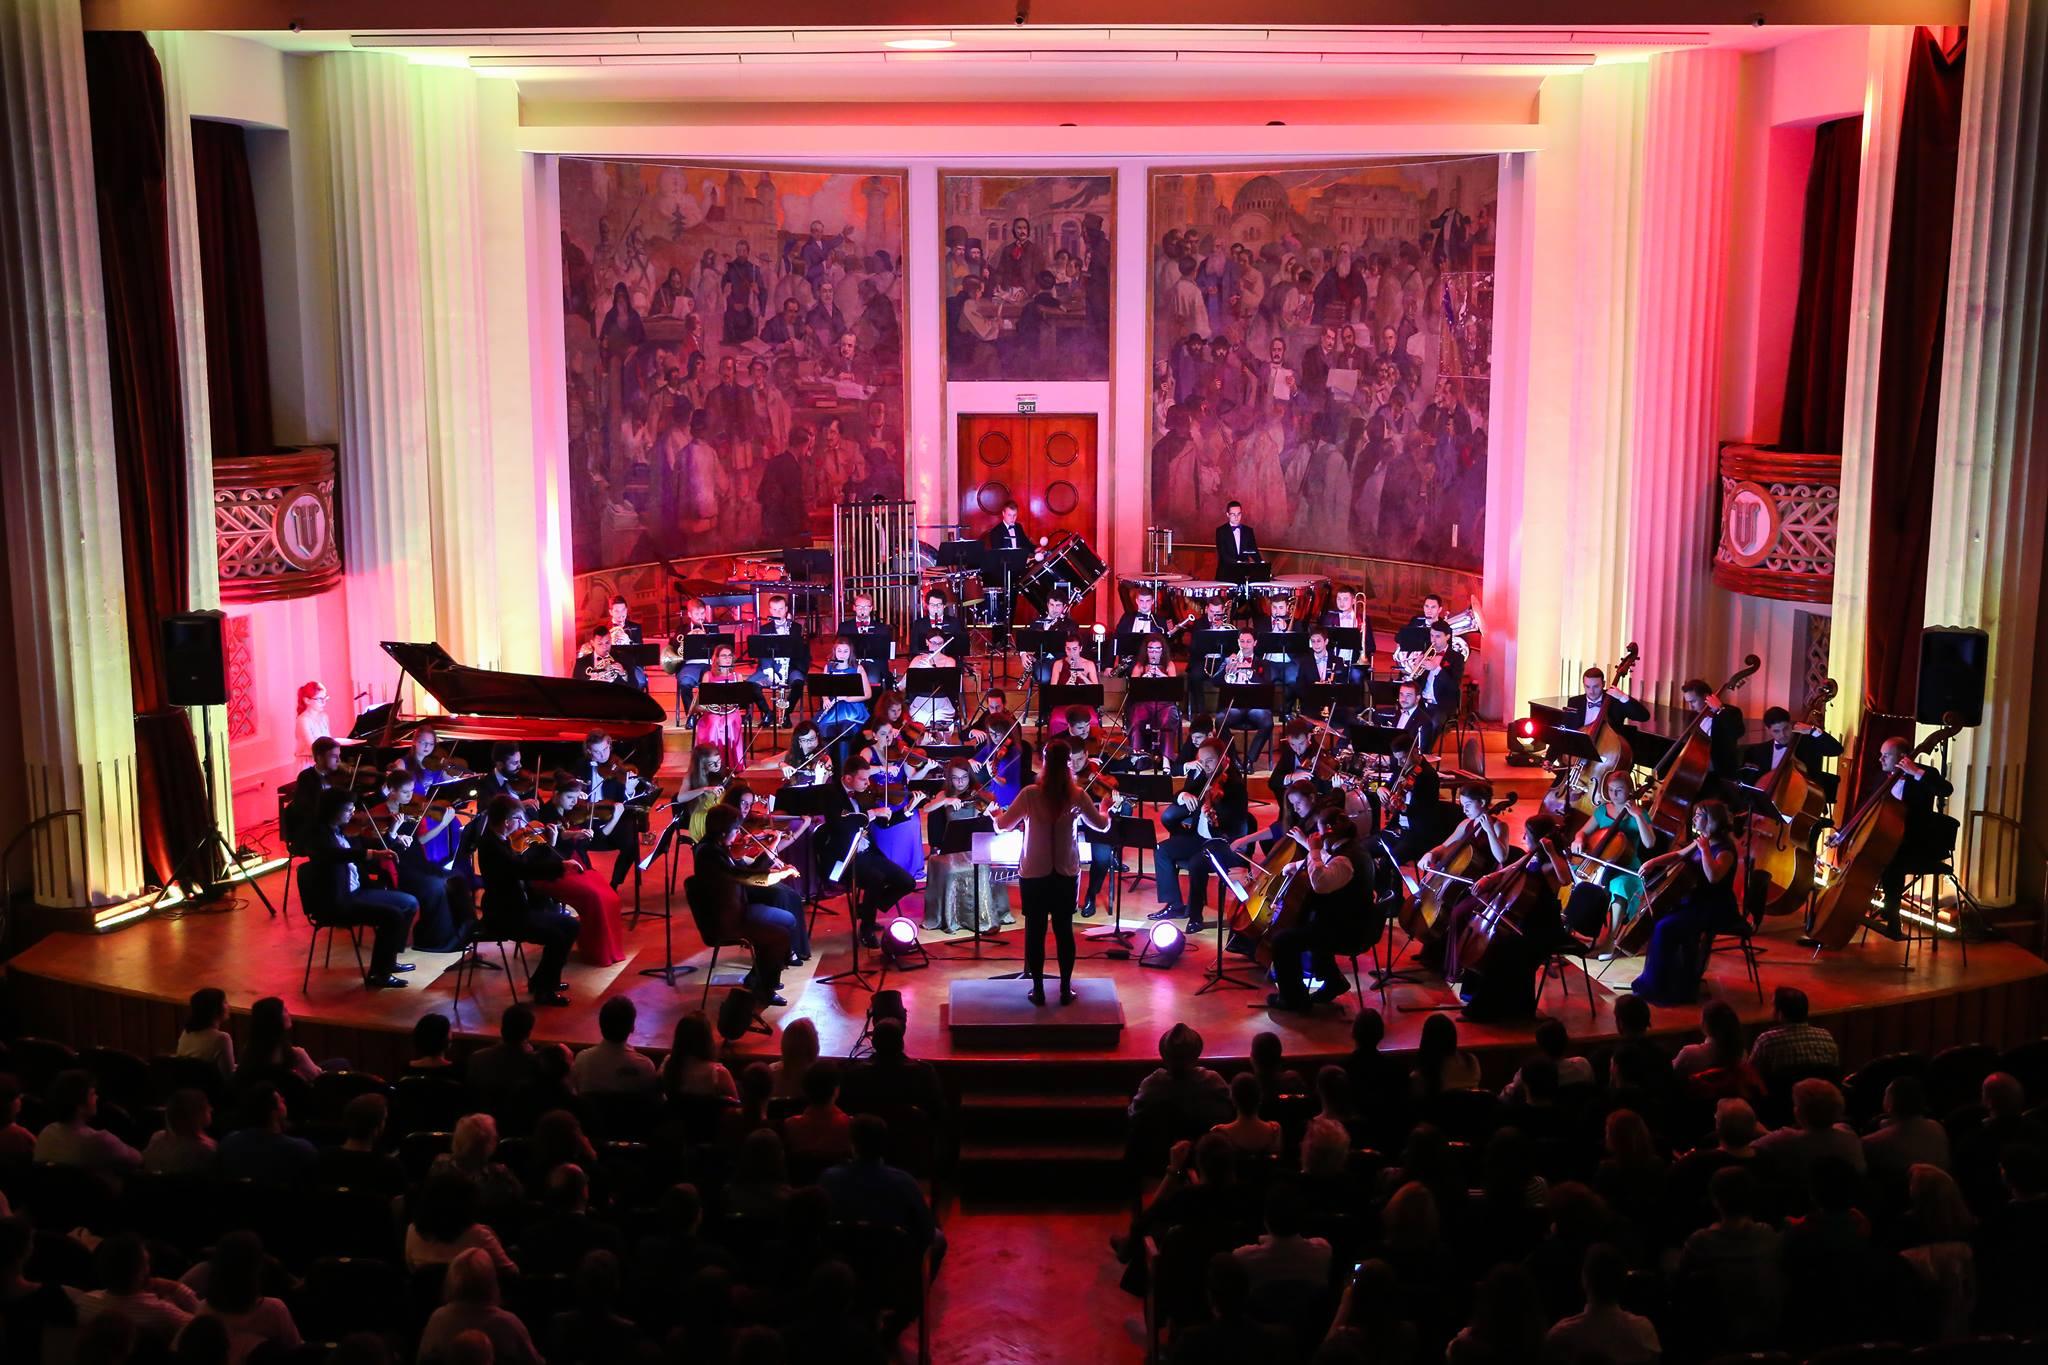 Corul bărbătesc din Koln, alături de orchestra Operei Maghiare din Cluj, concert cu intrare liberă la Auditorium Maximum!